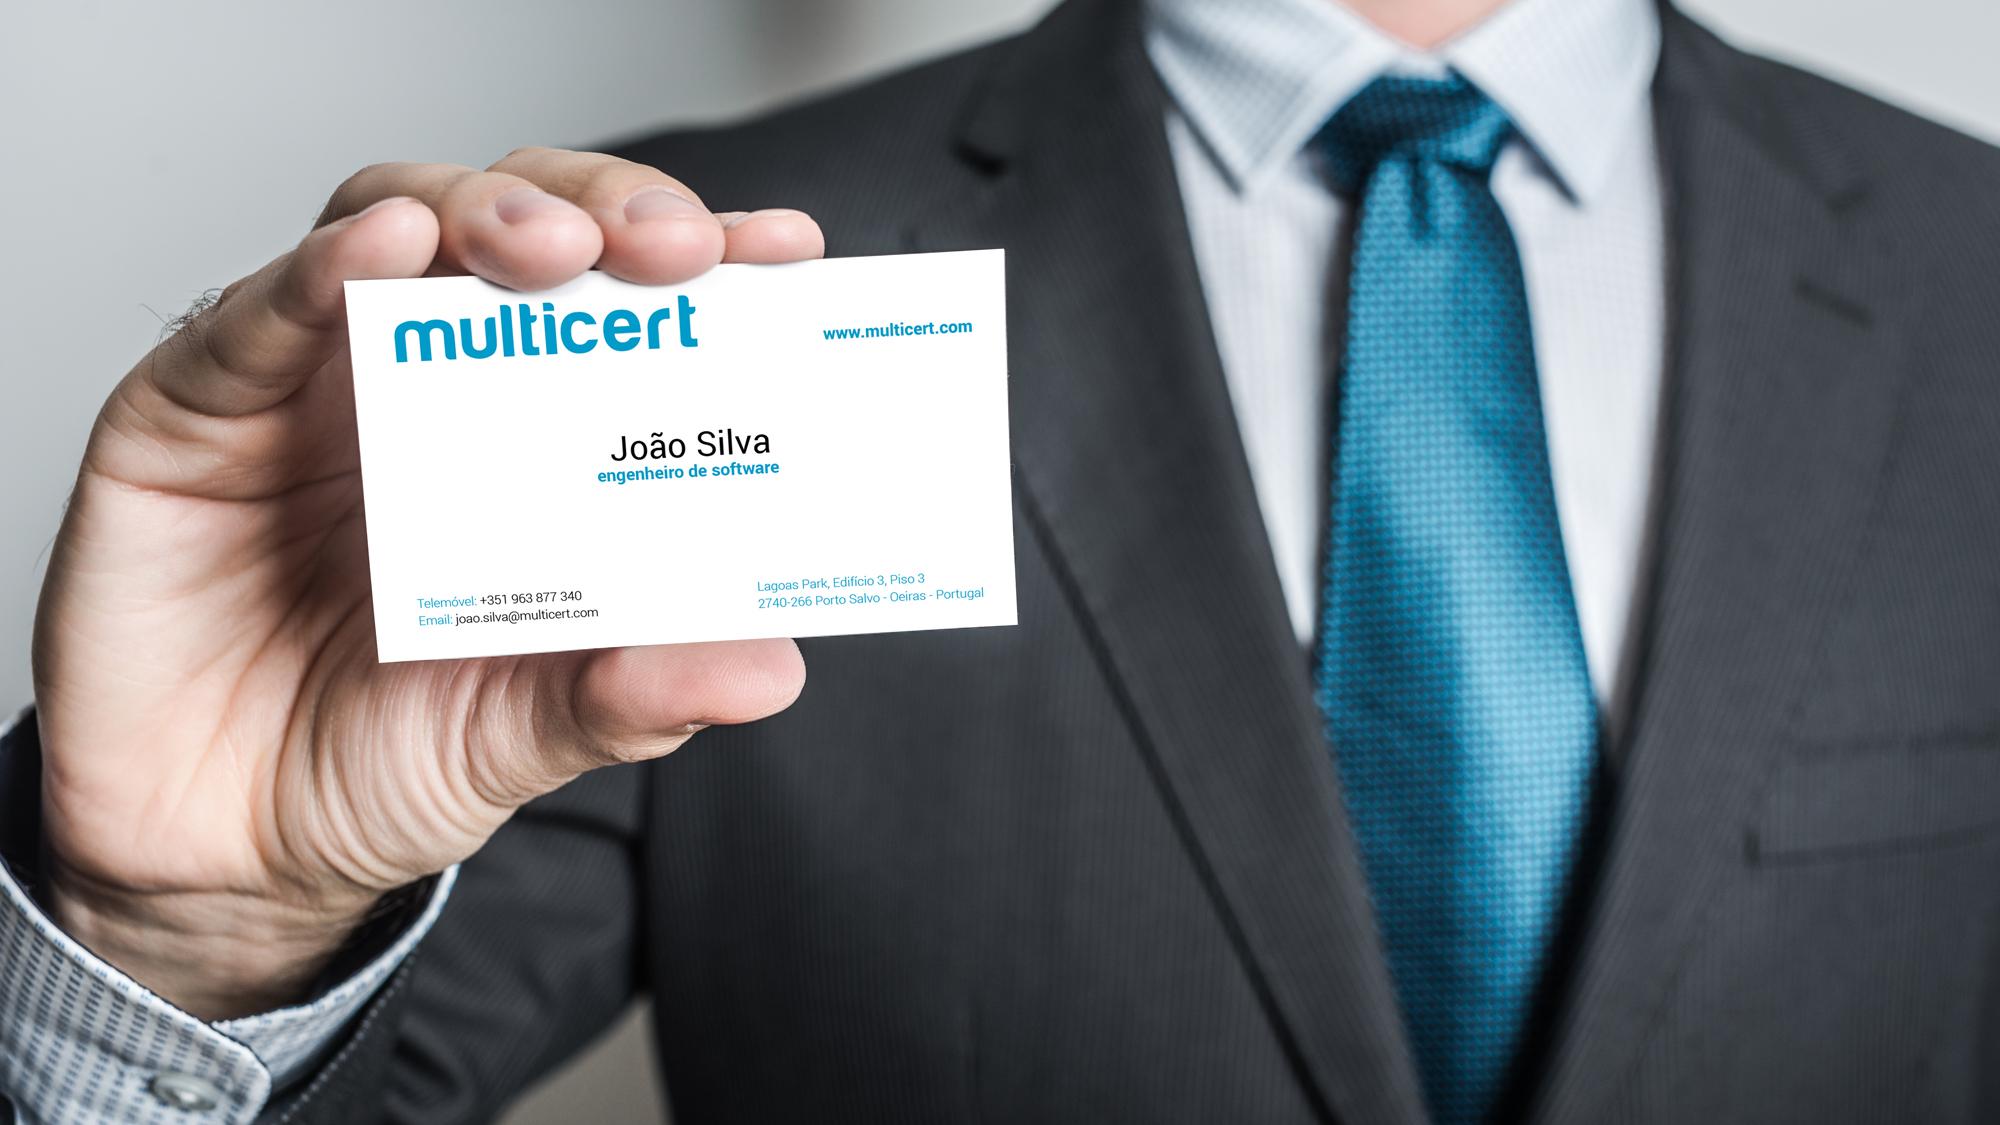 Multicert | Branding e Estacionário